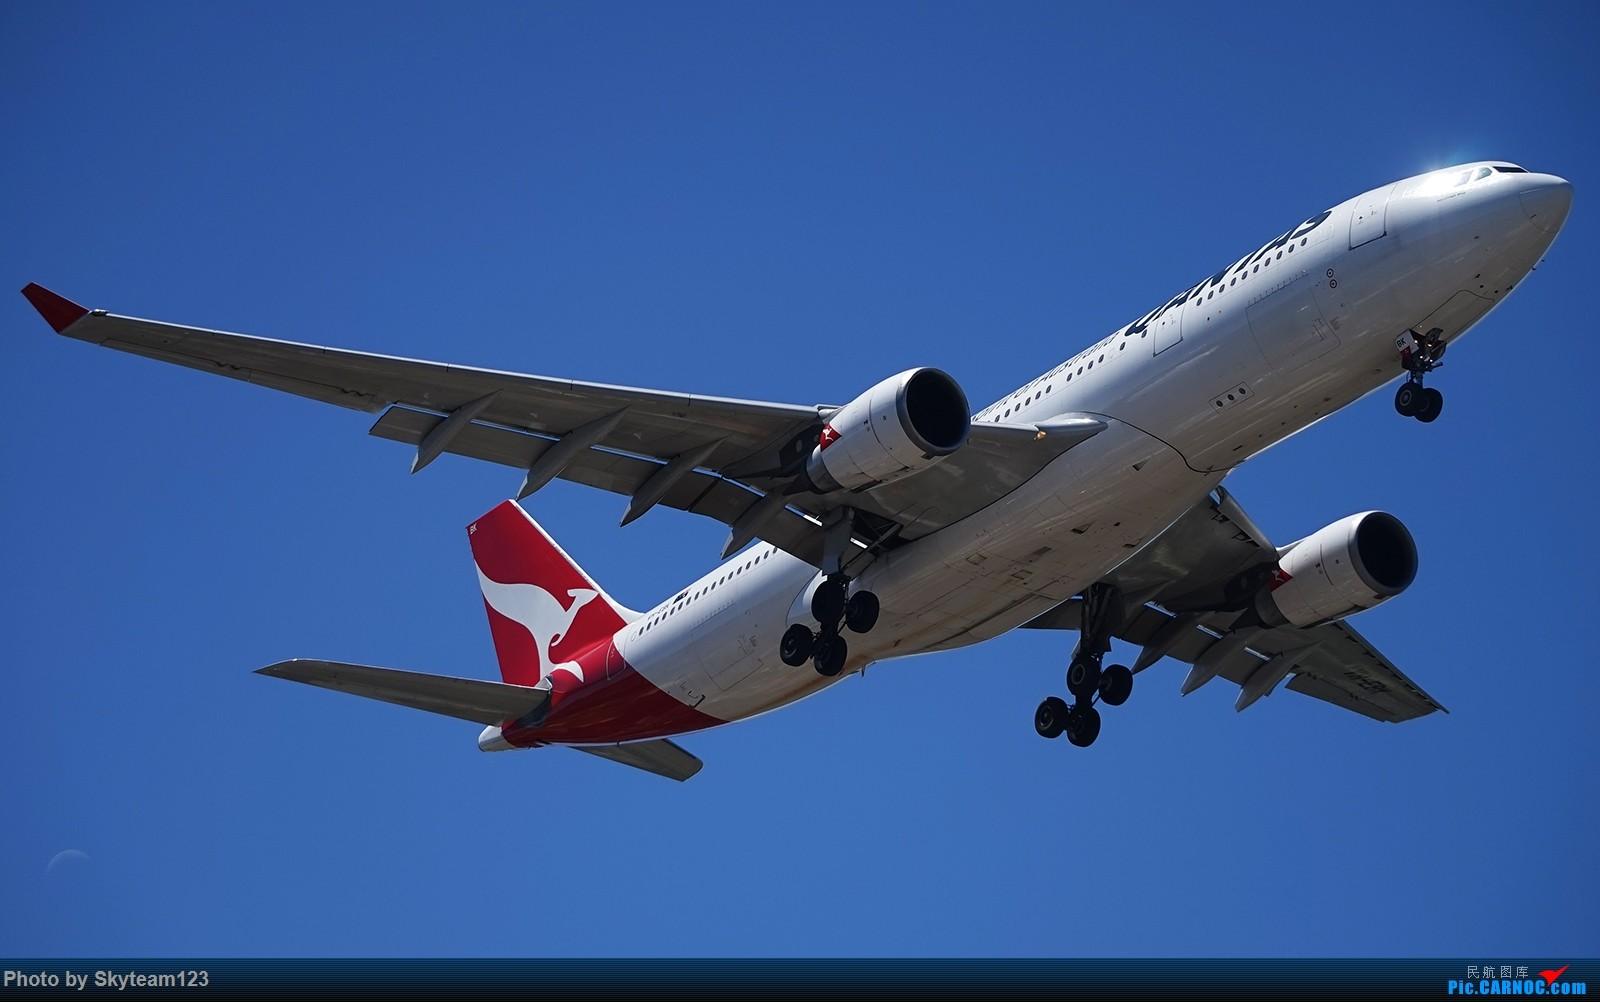 Re:[原创]悉尼25跑道头拍机,天好机也好。关键词新航744,宿雾333,酷航789